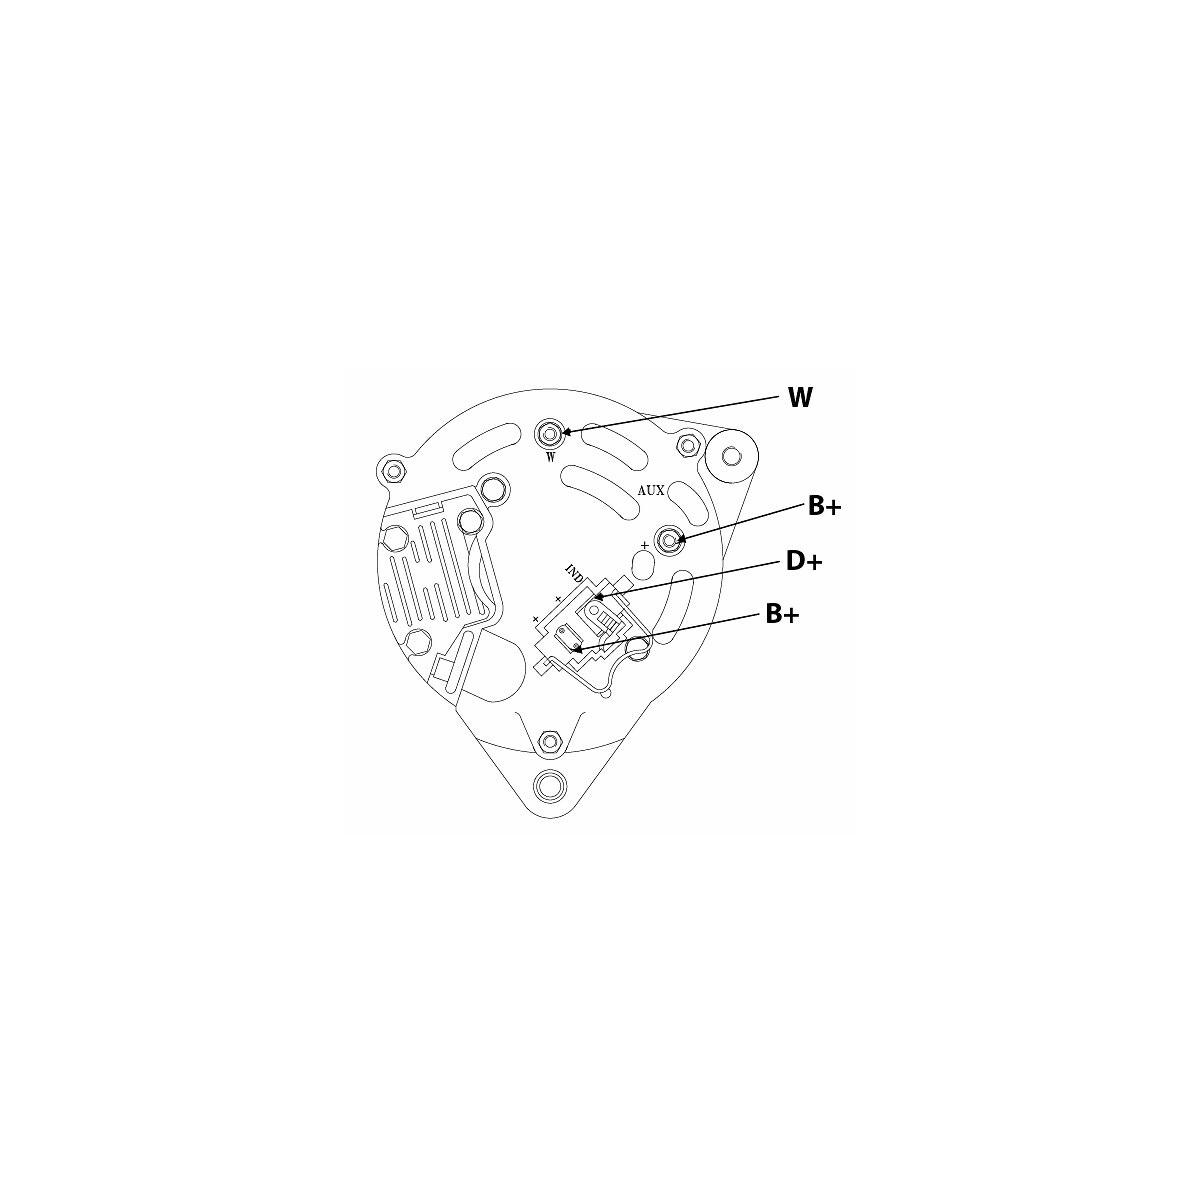 Alternator 70a Valmet Ford Shaft 17mm St0215 Ikh Welder Diagram